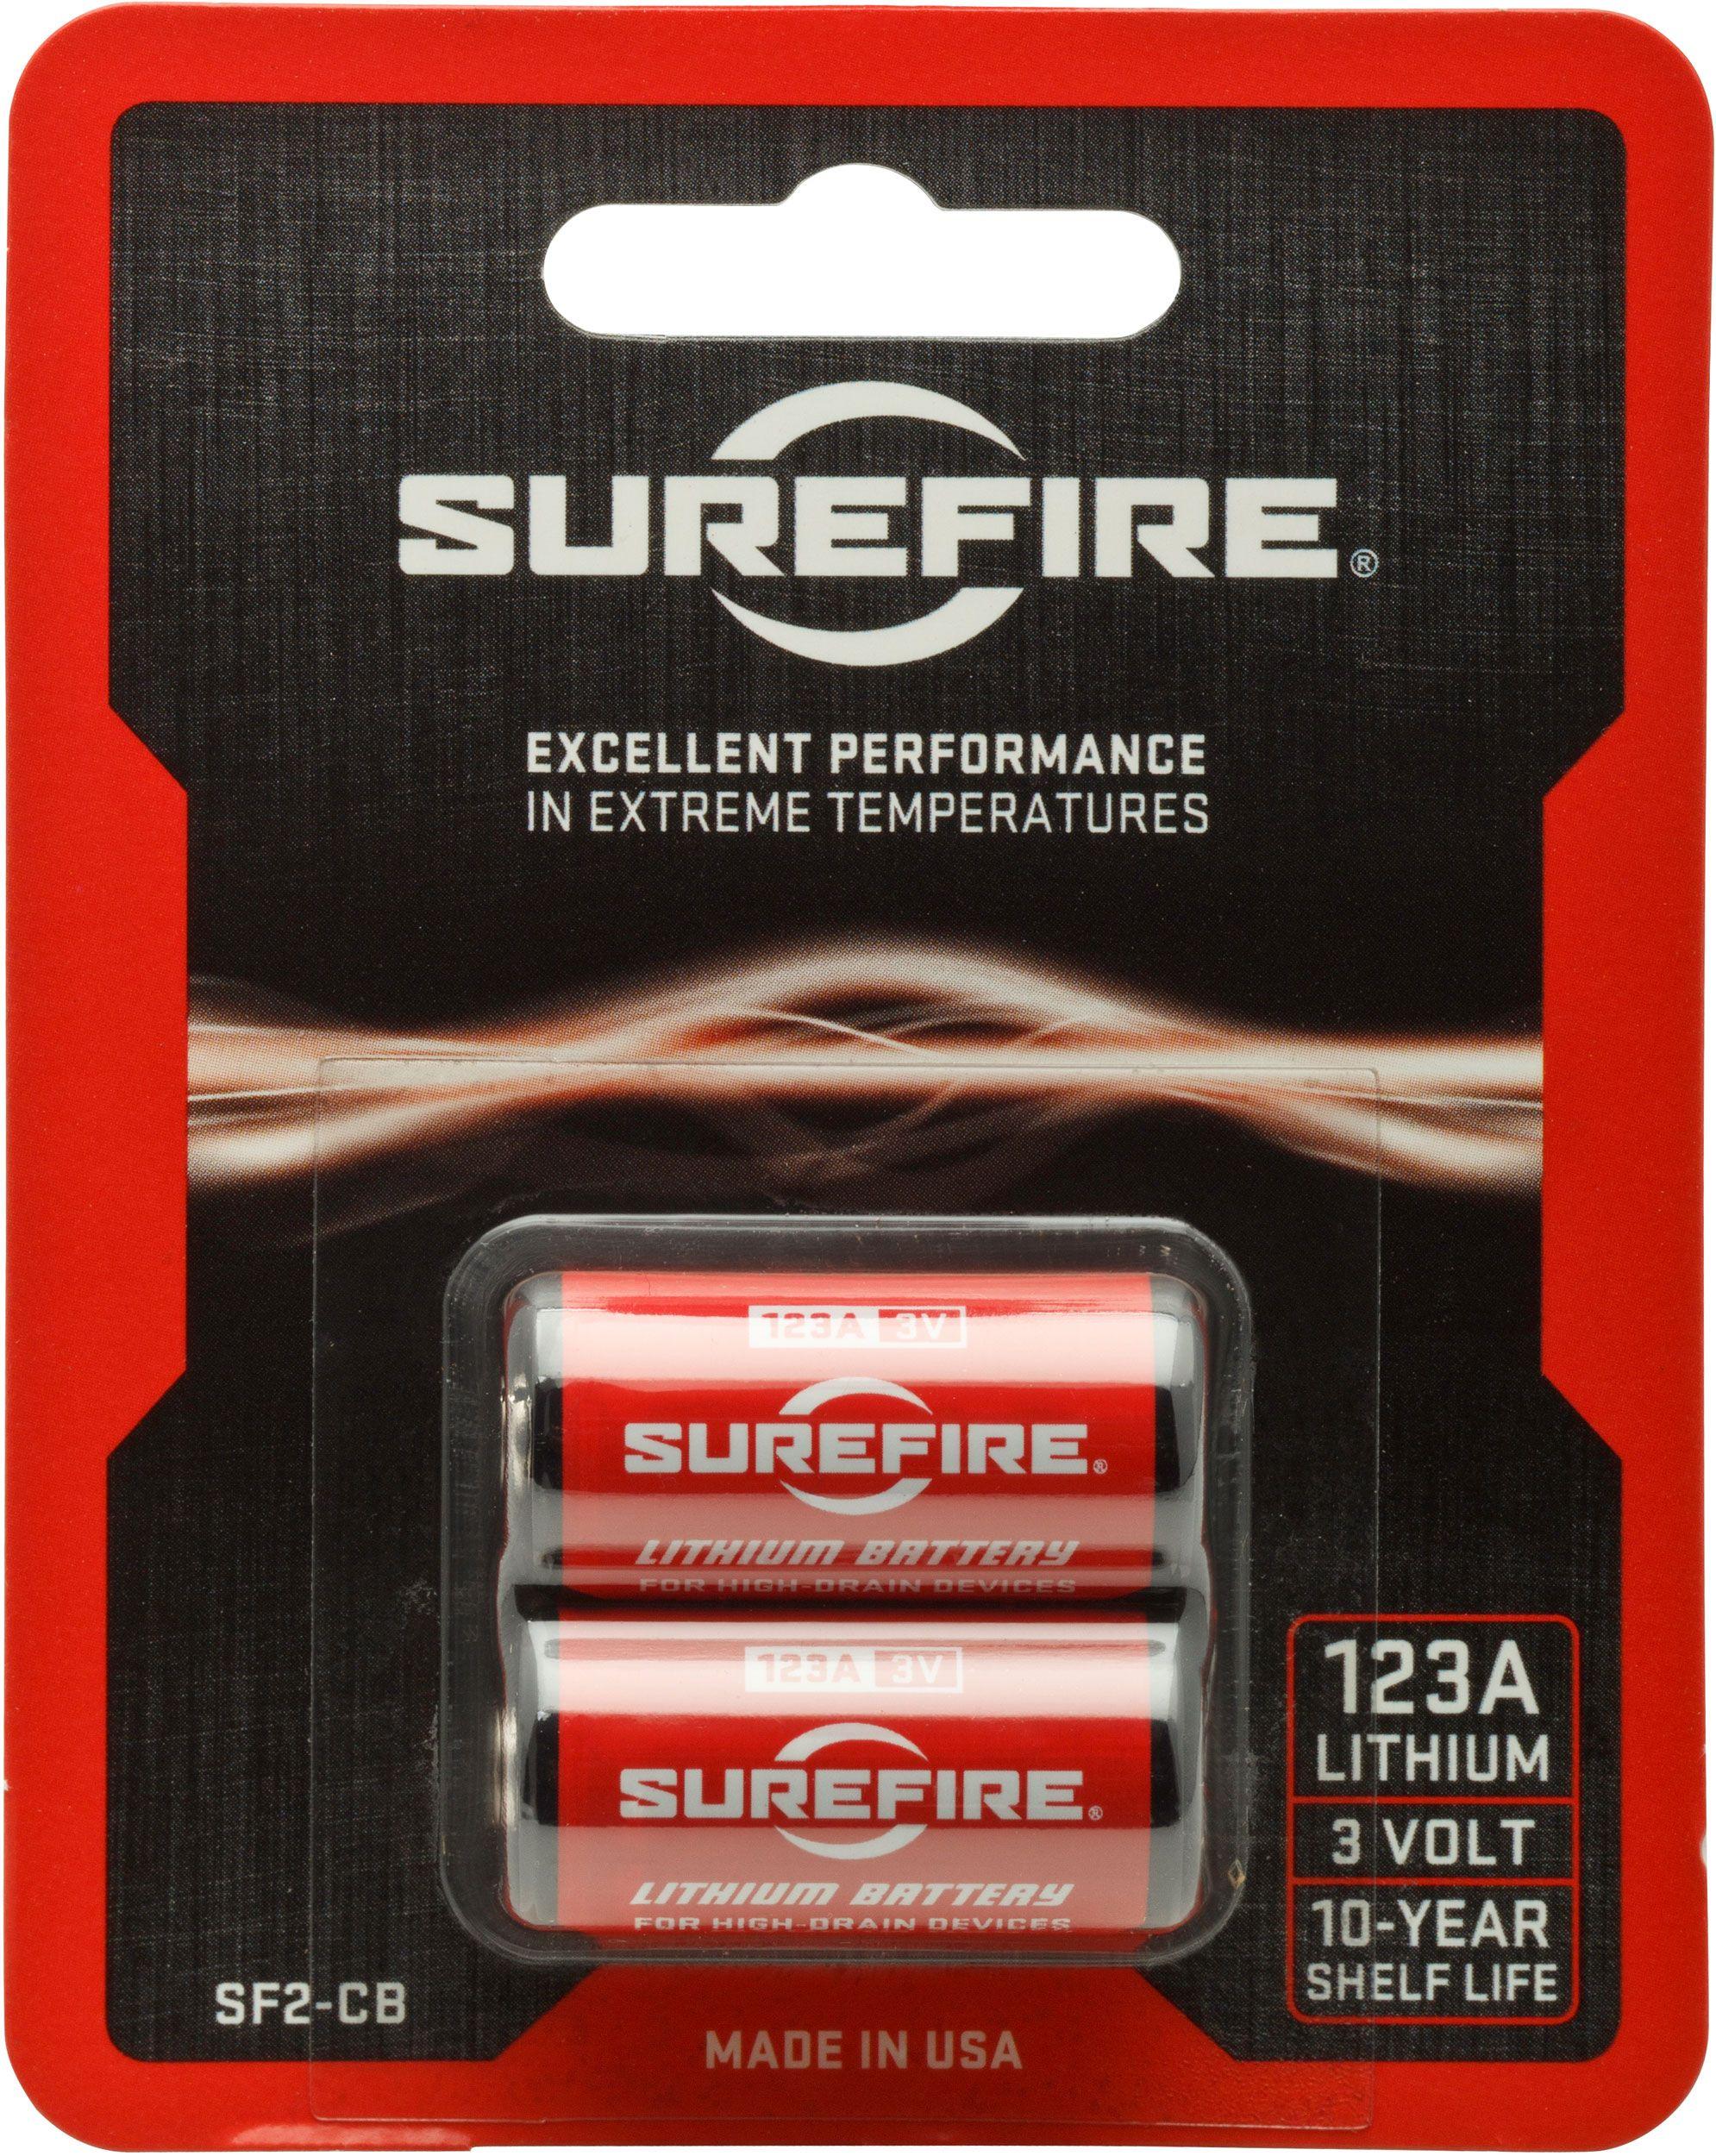 SureFire SF2-CB 2 Pack of SureFire 123A Lithium Batteries